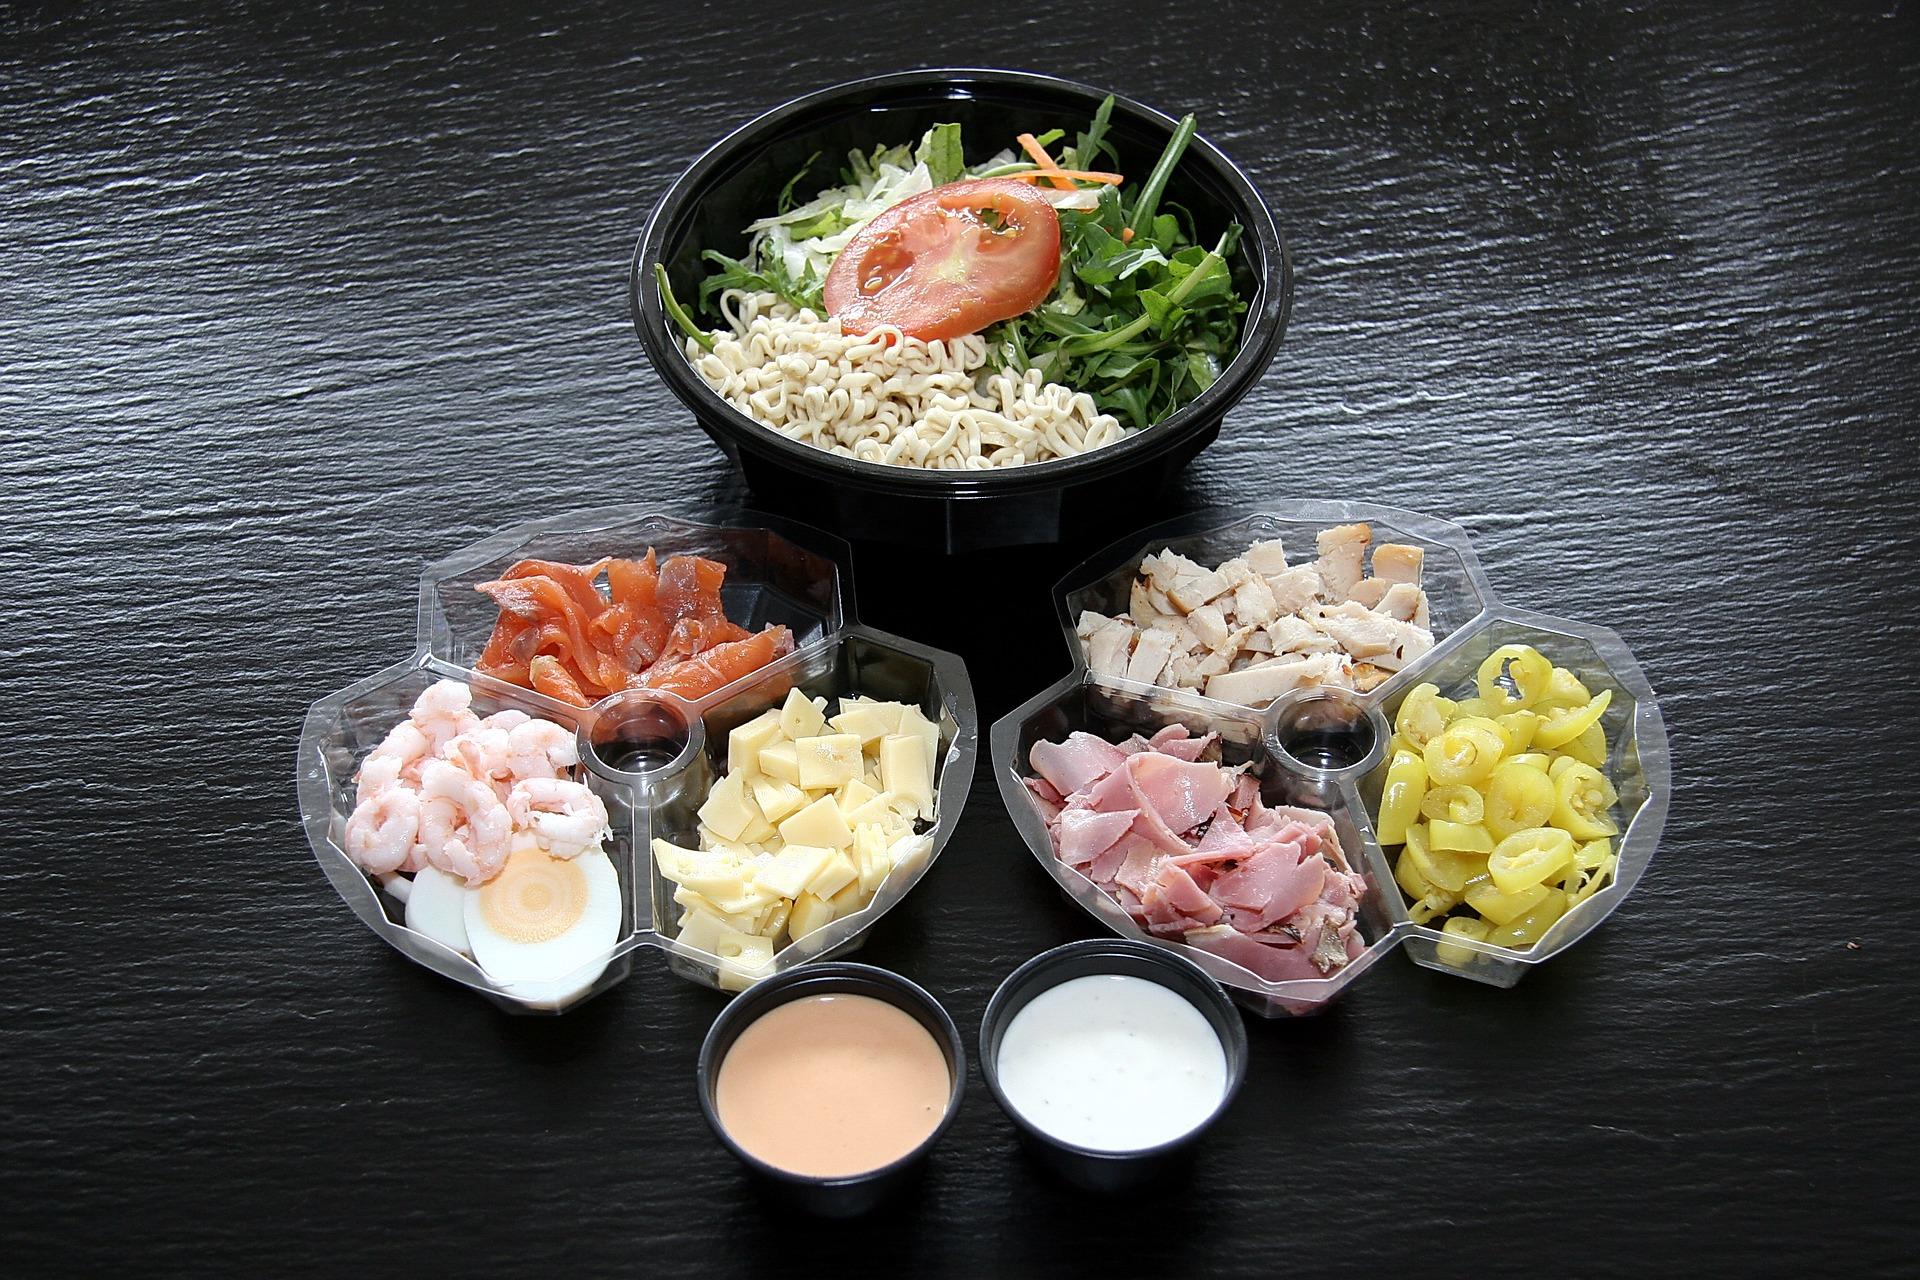 salad-1596100_1920.jpg